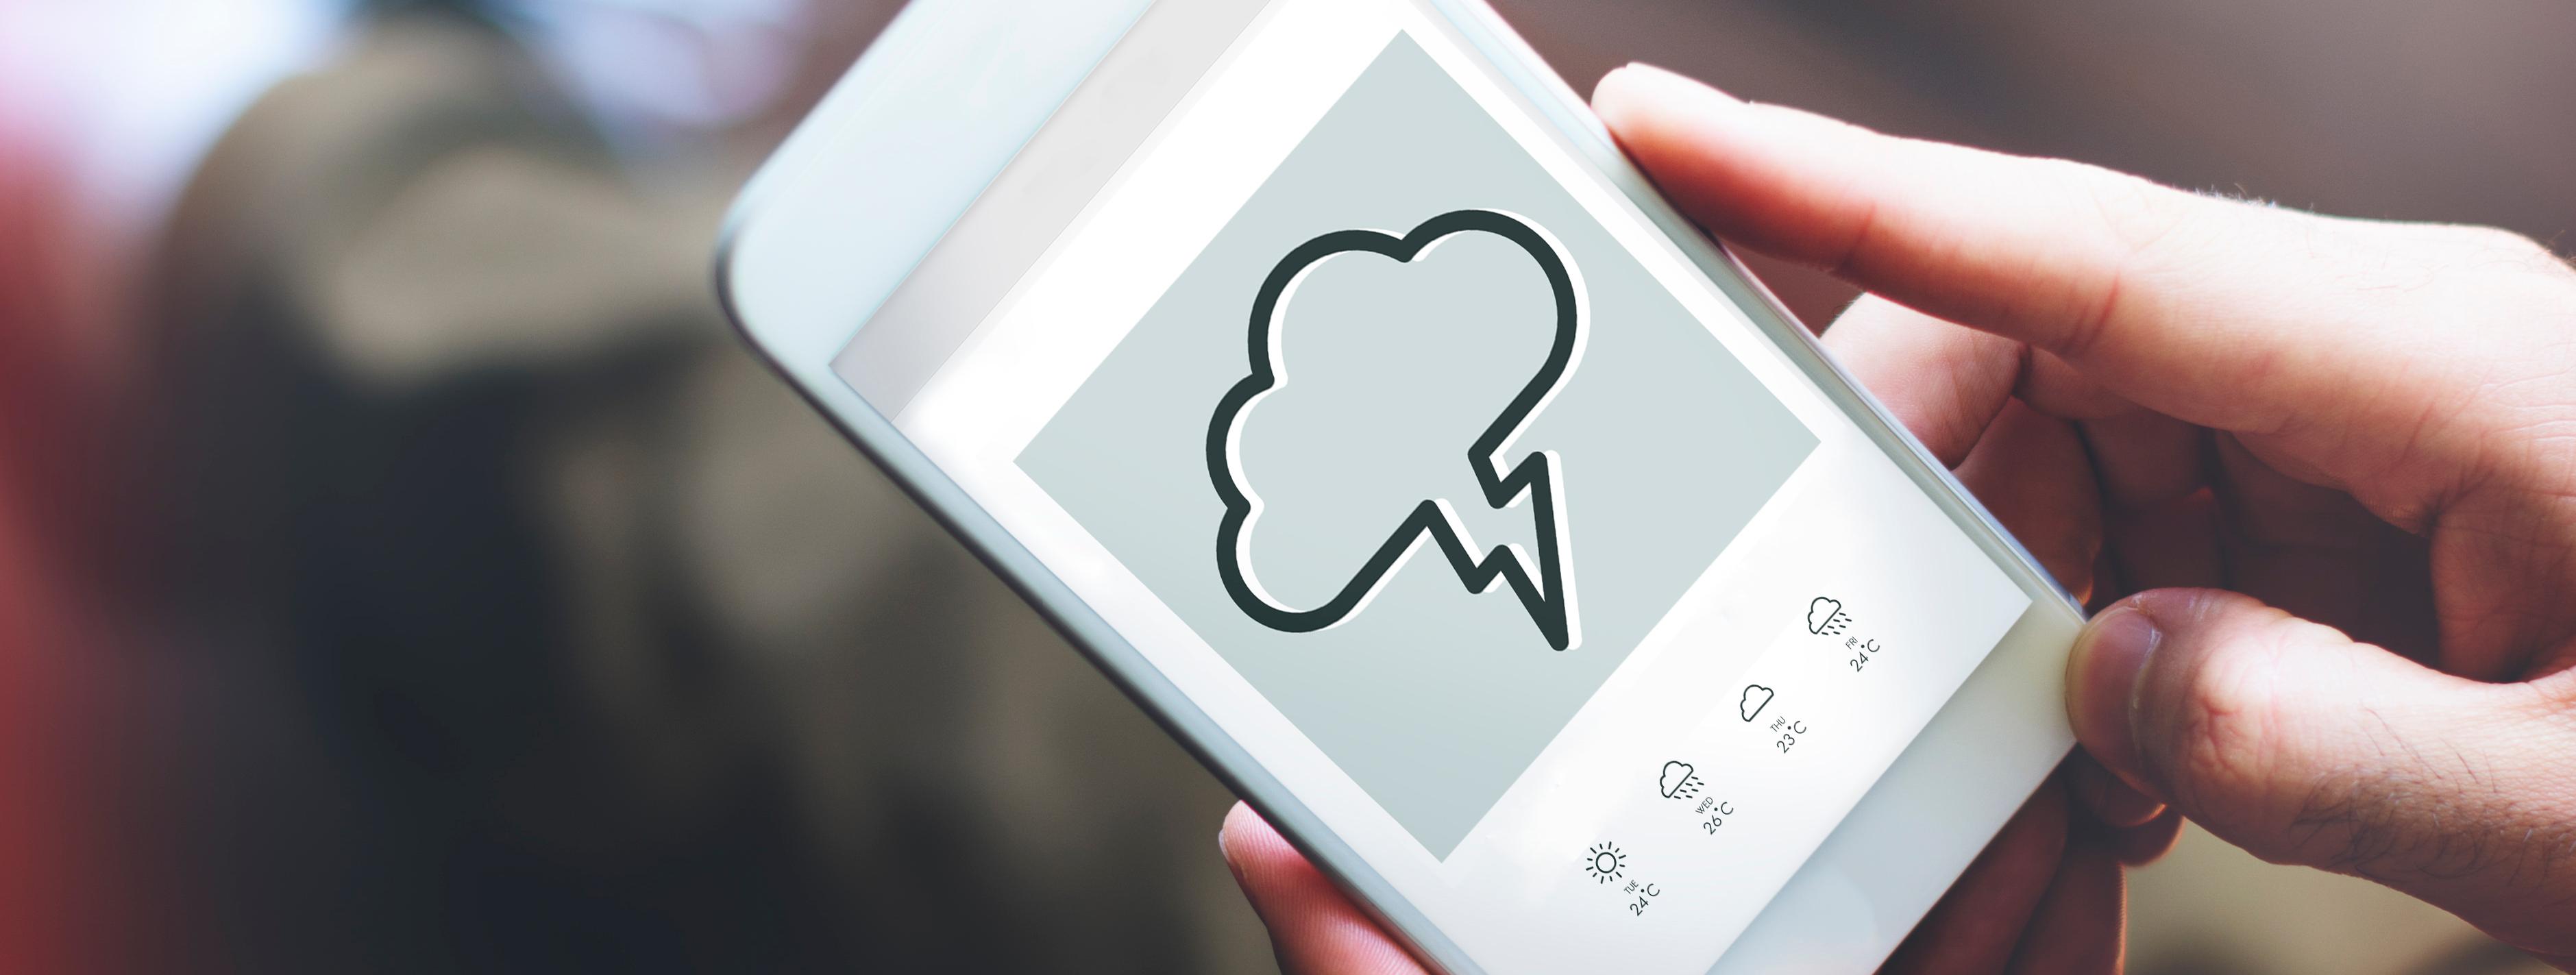 Una empresa plantea un sistema de predicciones meteorológicas basándose en datos de dispositivos móviles y sin utilizar satélites